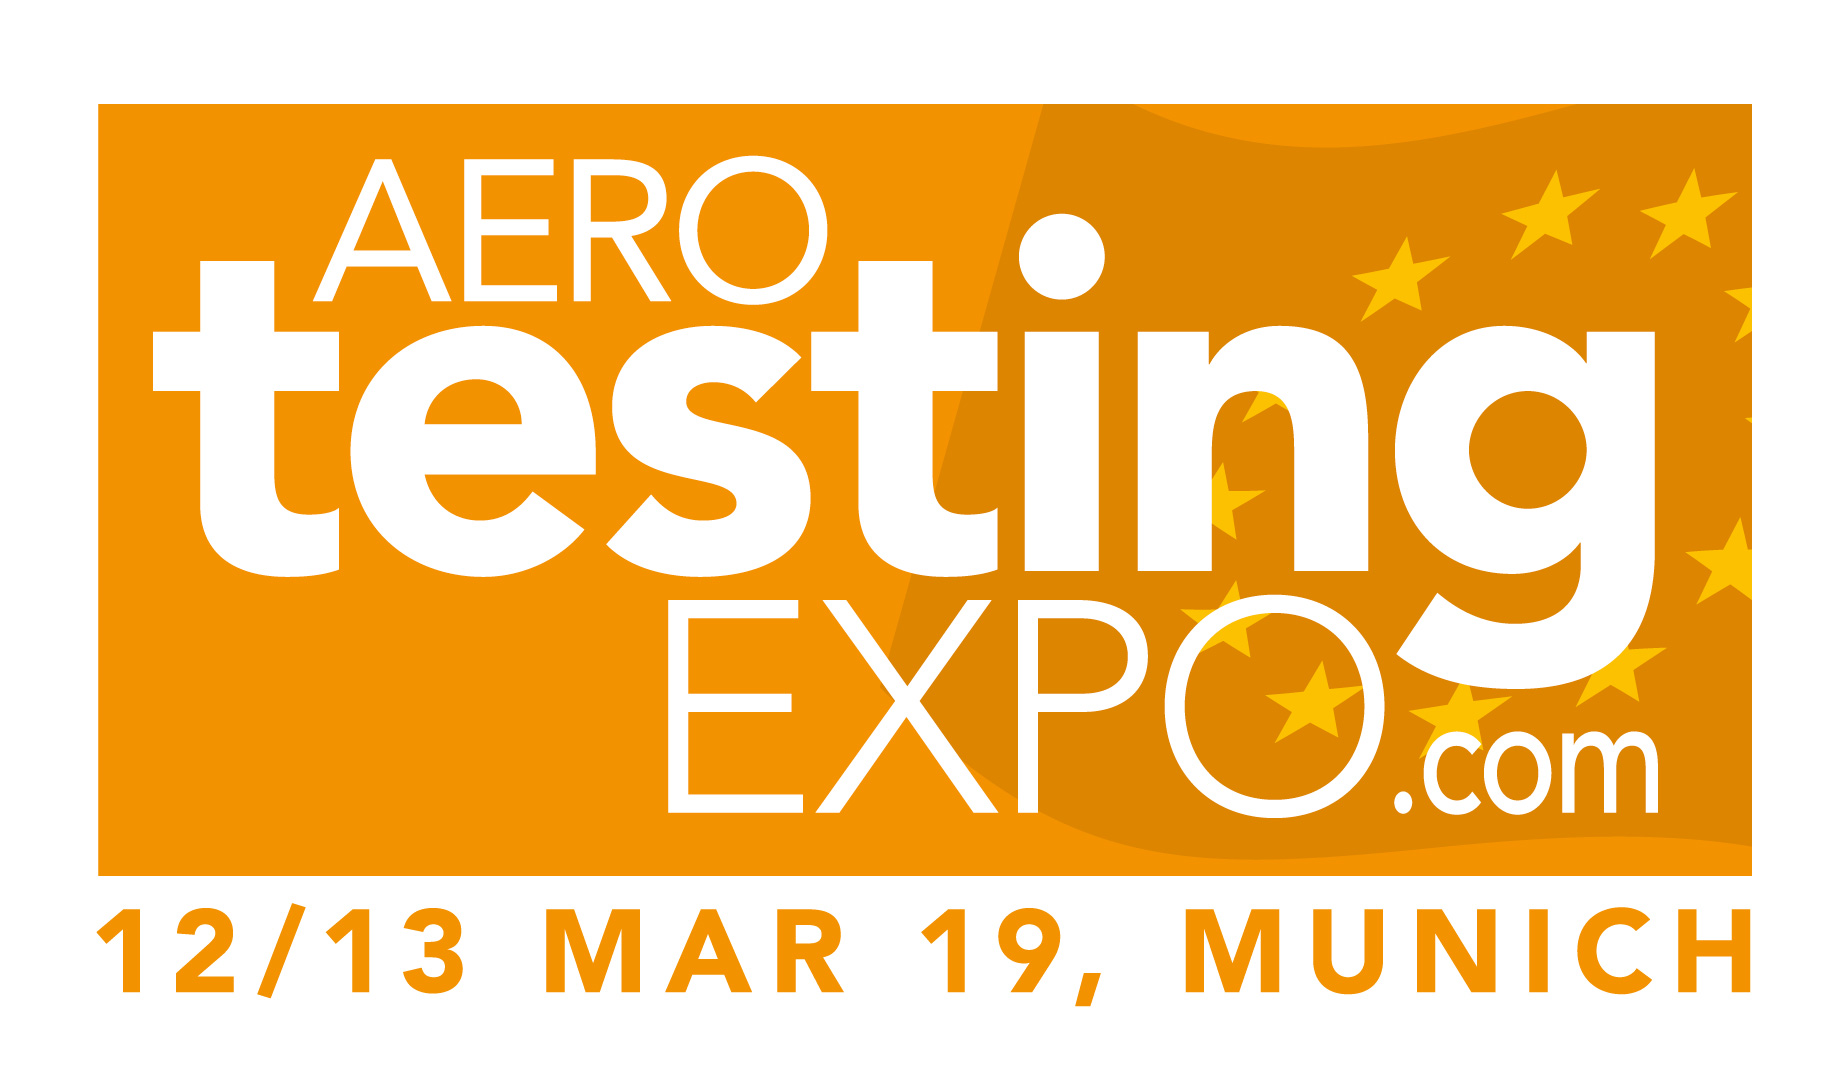 Aero Testing Expo